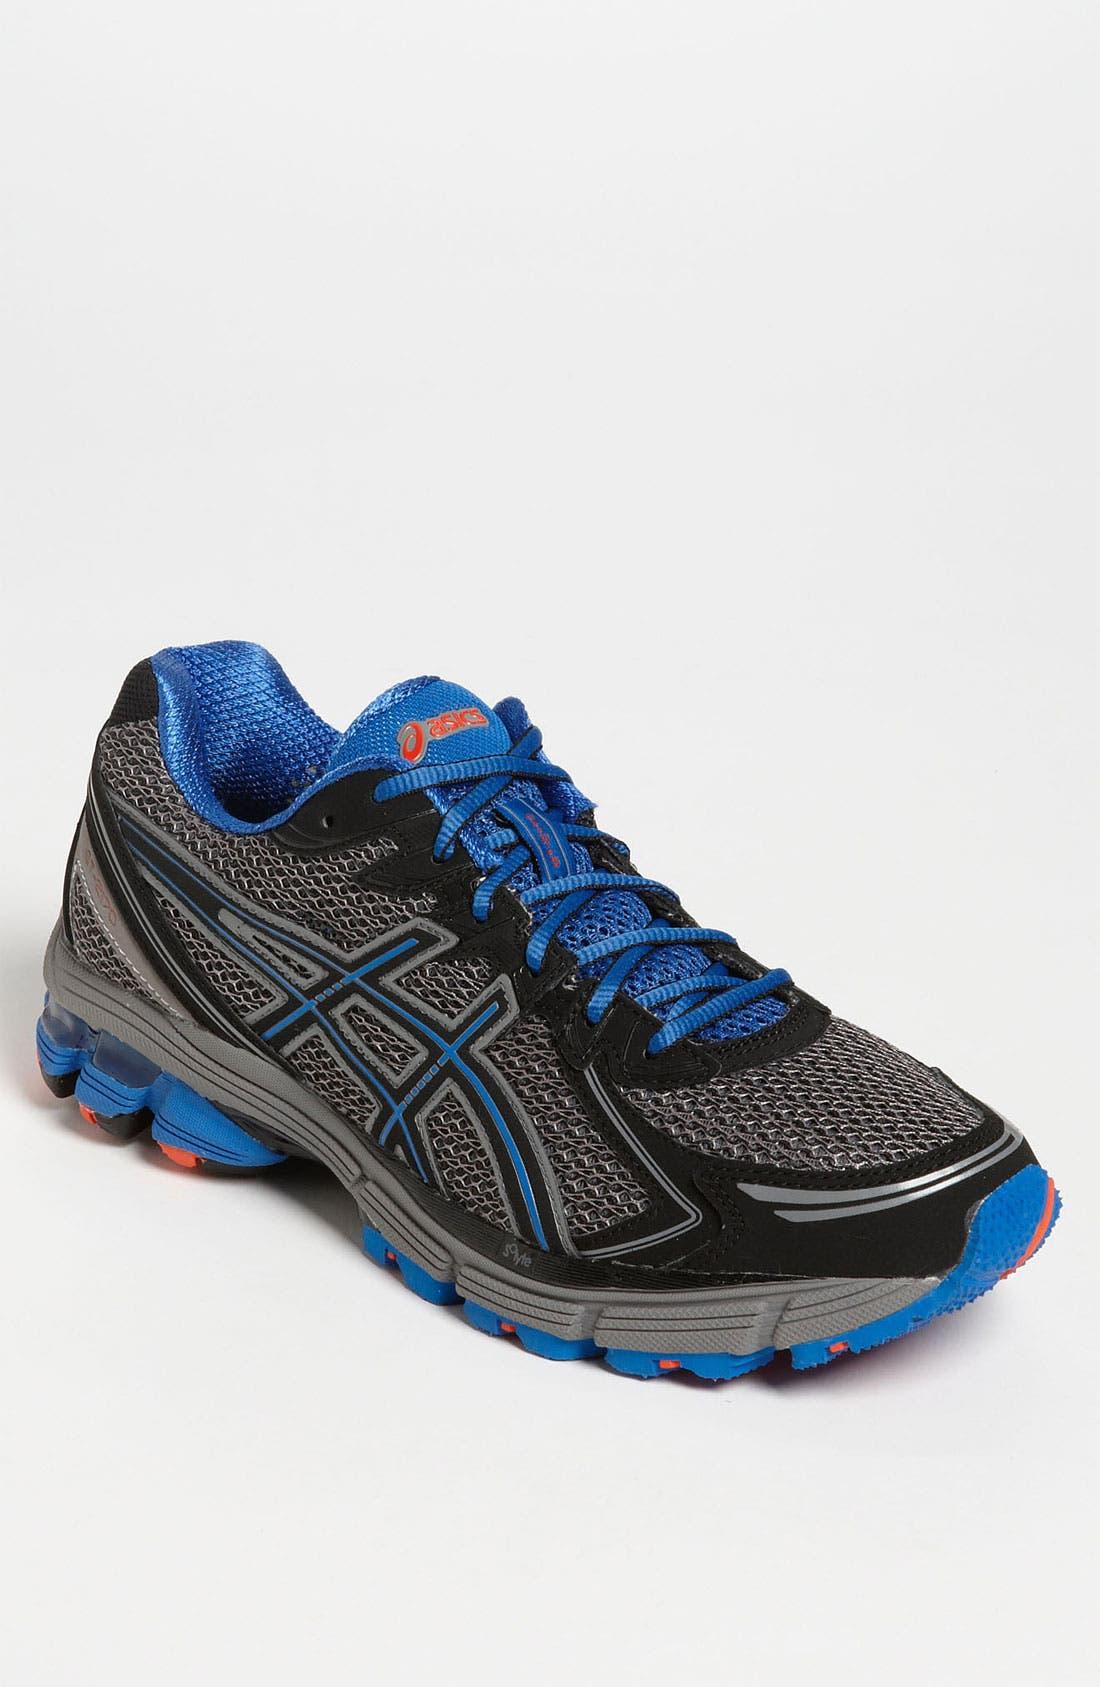 Alternate Image 1 Selected - ASICS® 'GT-2170™' Trail Running Shoe (Men)